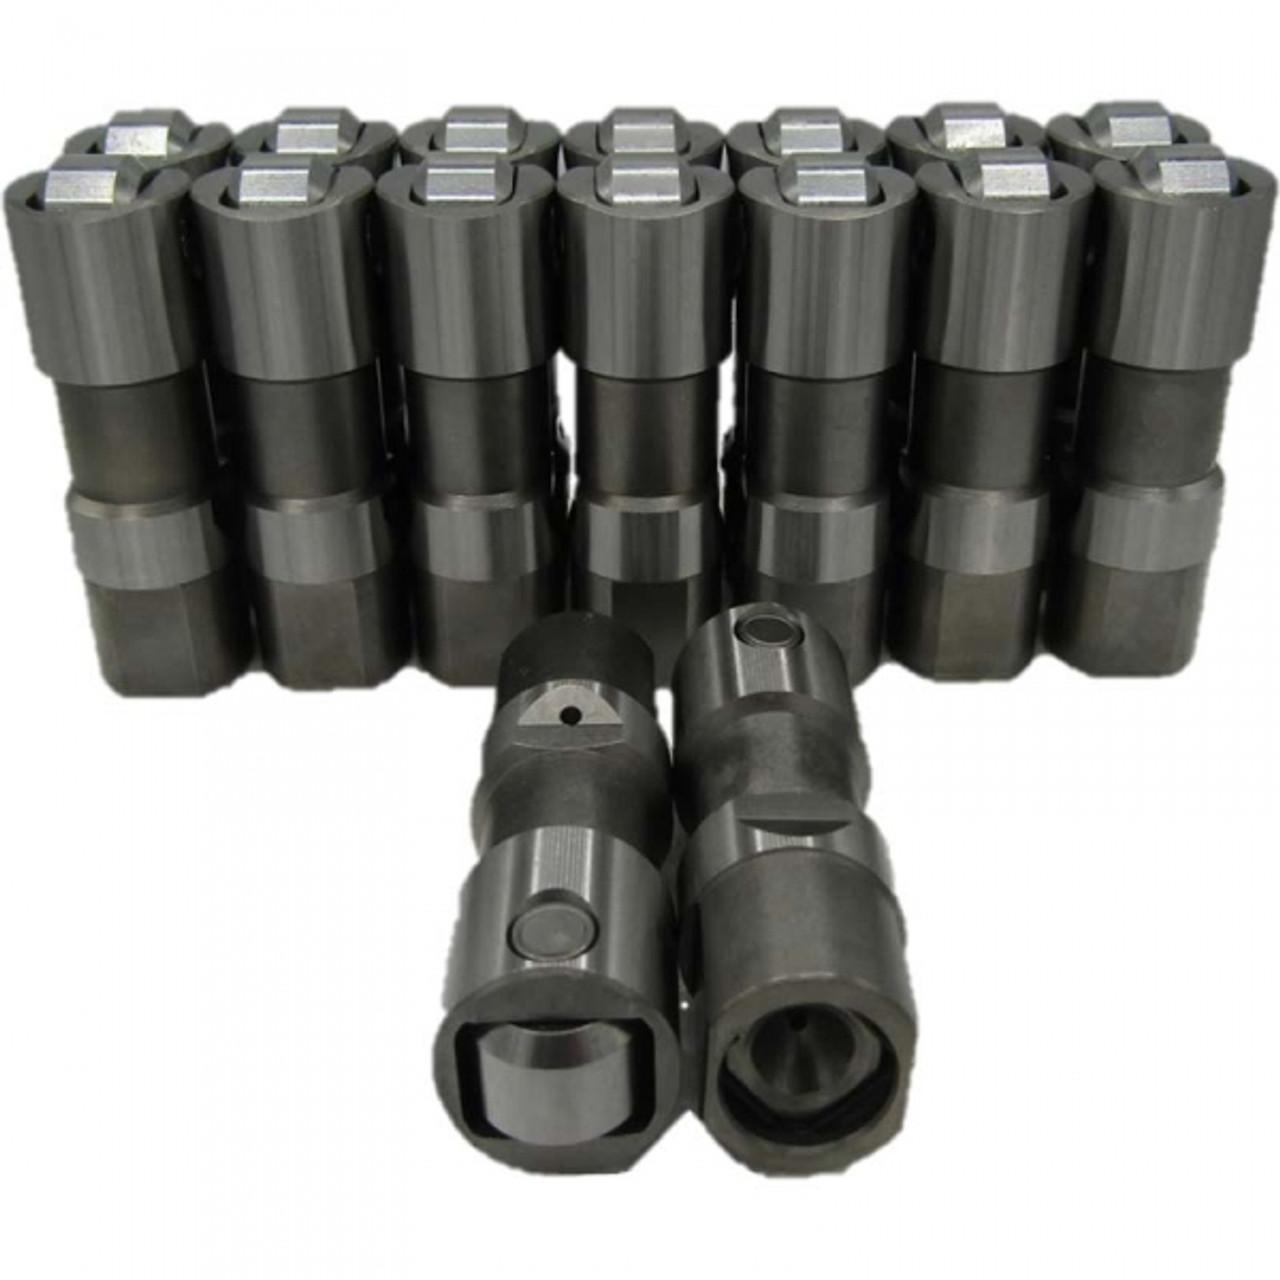 Powerstroke Products Lifter Set 7.3/6.0/6.4 Powerstroke